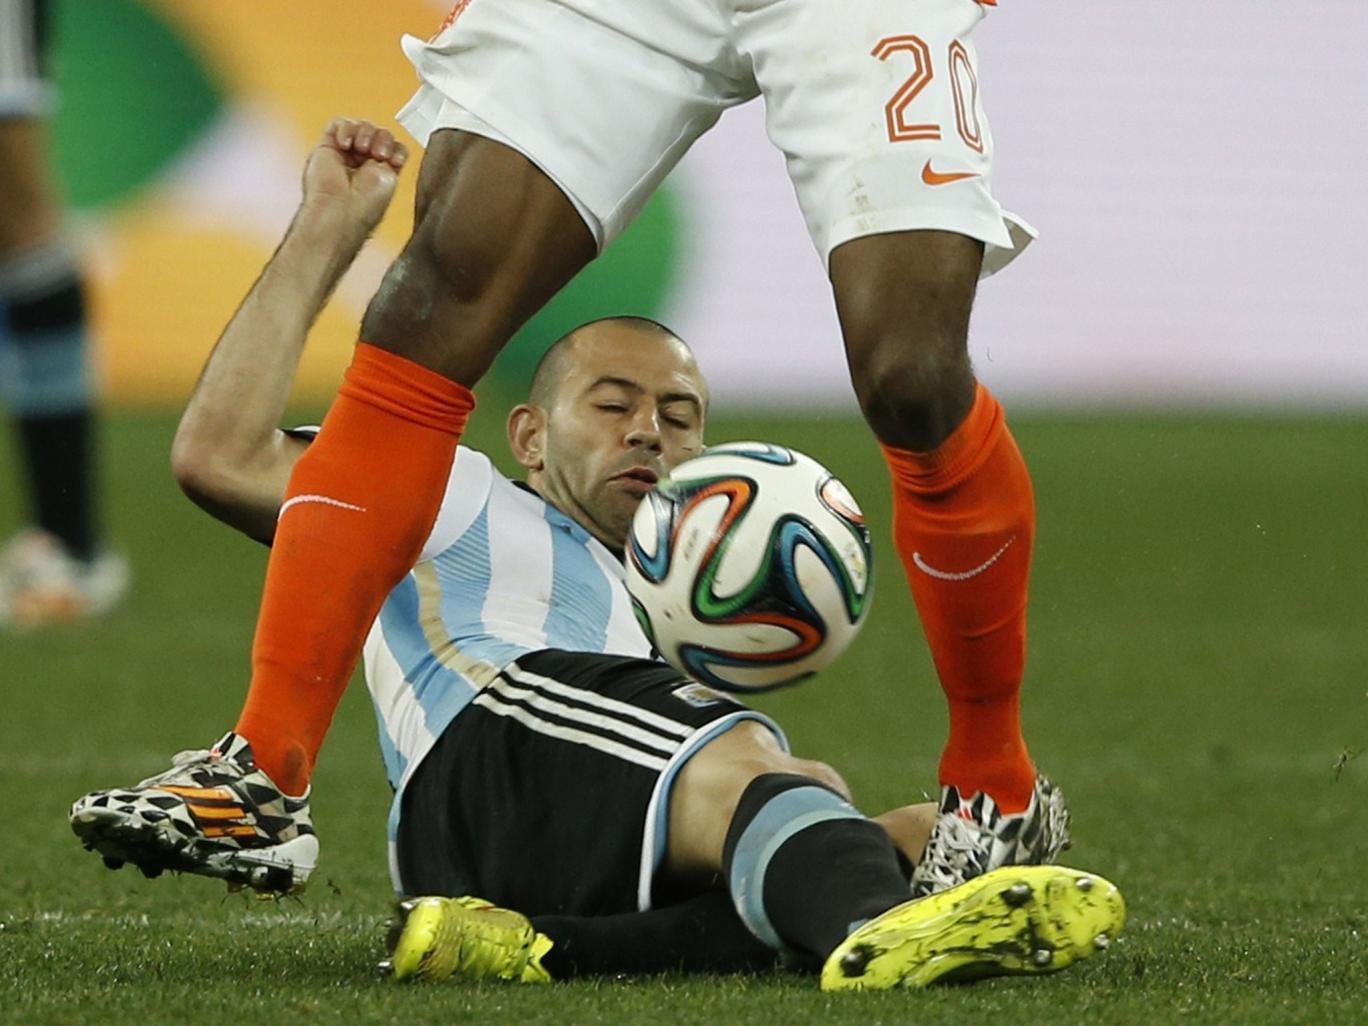 Defensive midfielder Javier Mascherano rather than Lionel Messi is Argentina's key man